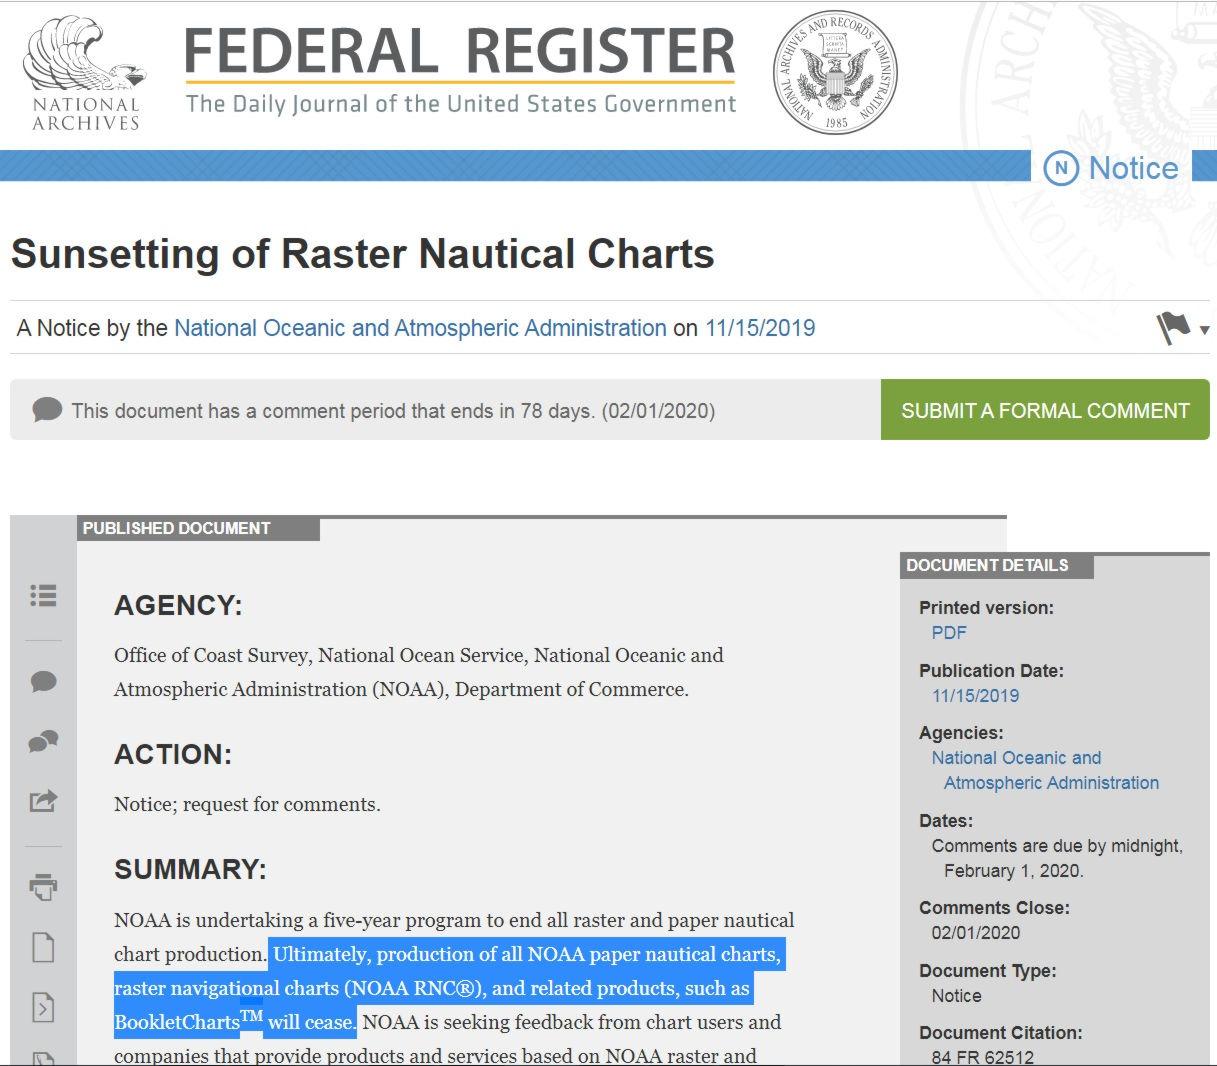 U.S. Federal Register notice November 15, 2019